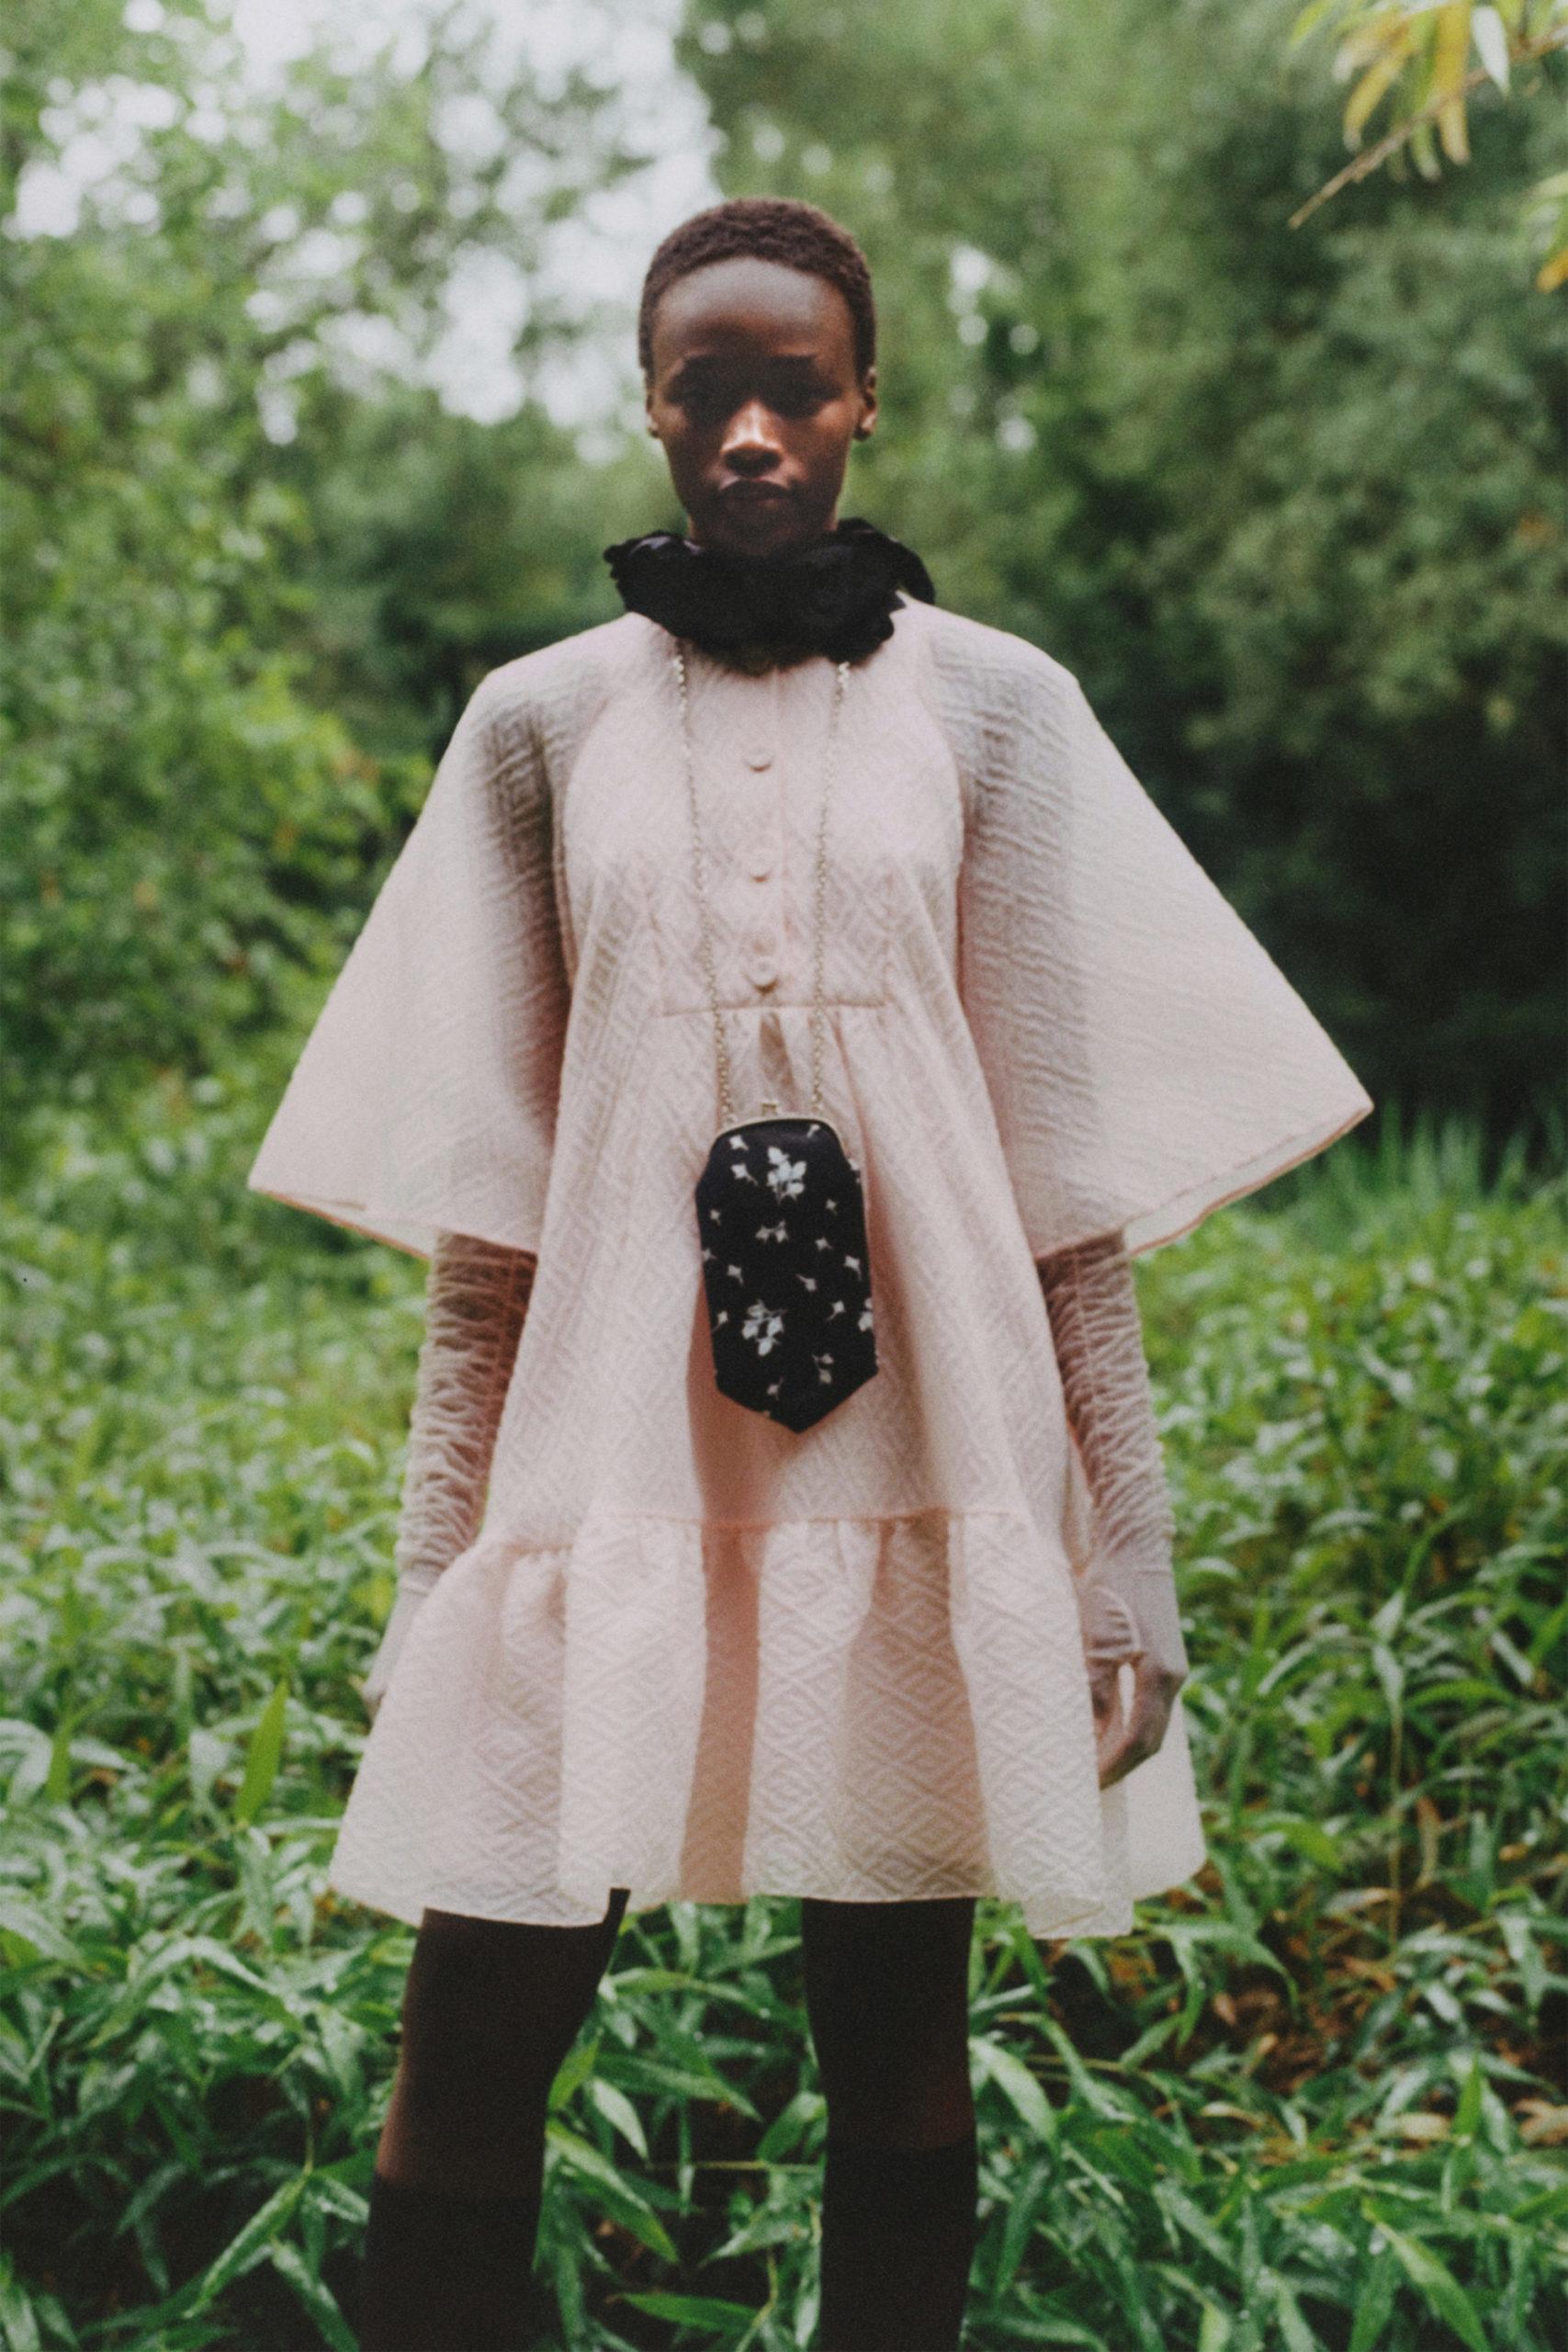 Платье с расклешёнными рукавами от Erdem модель 2021 года